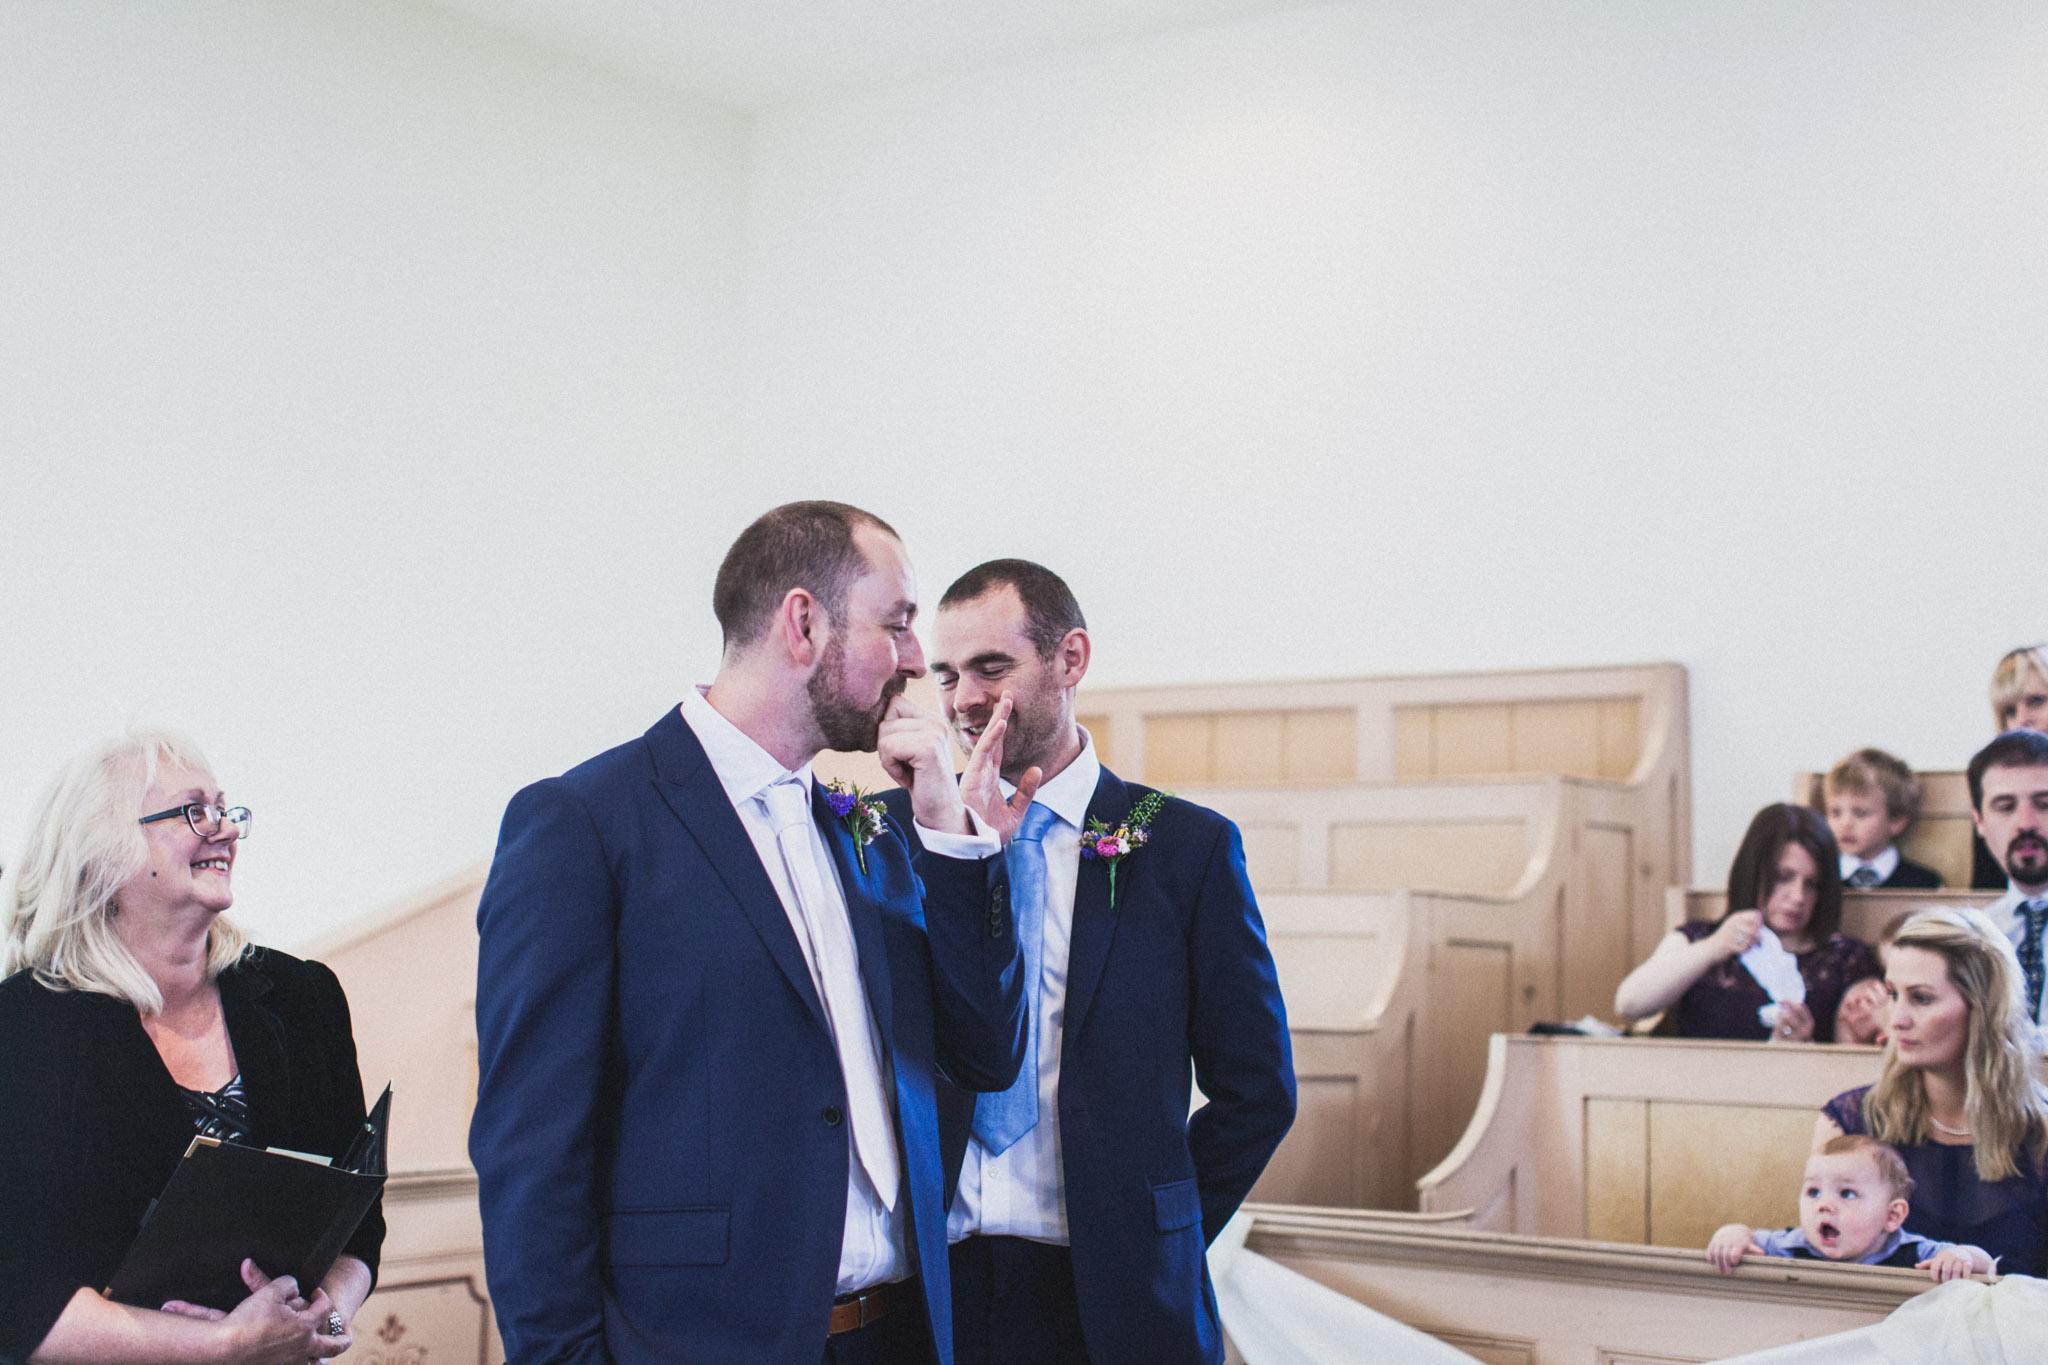 wedding_robin_hoods_bay_whitby_024.jpg